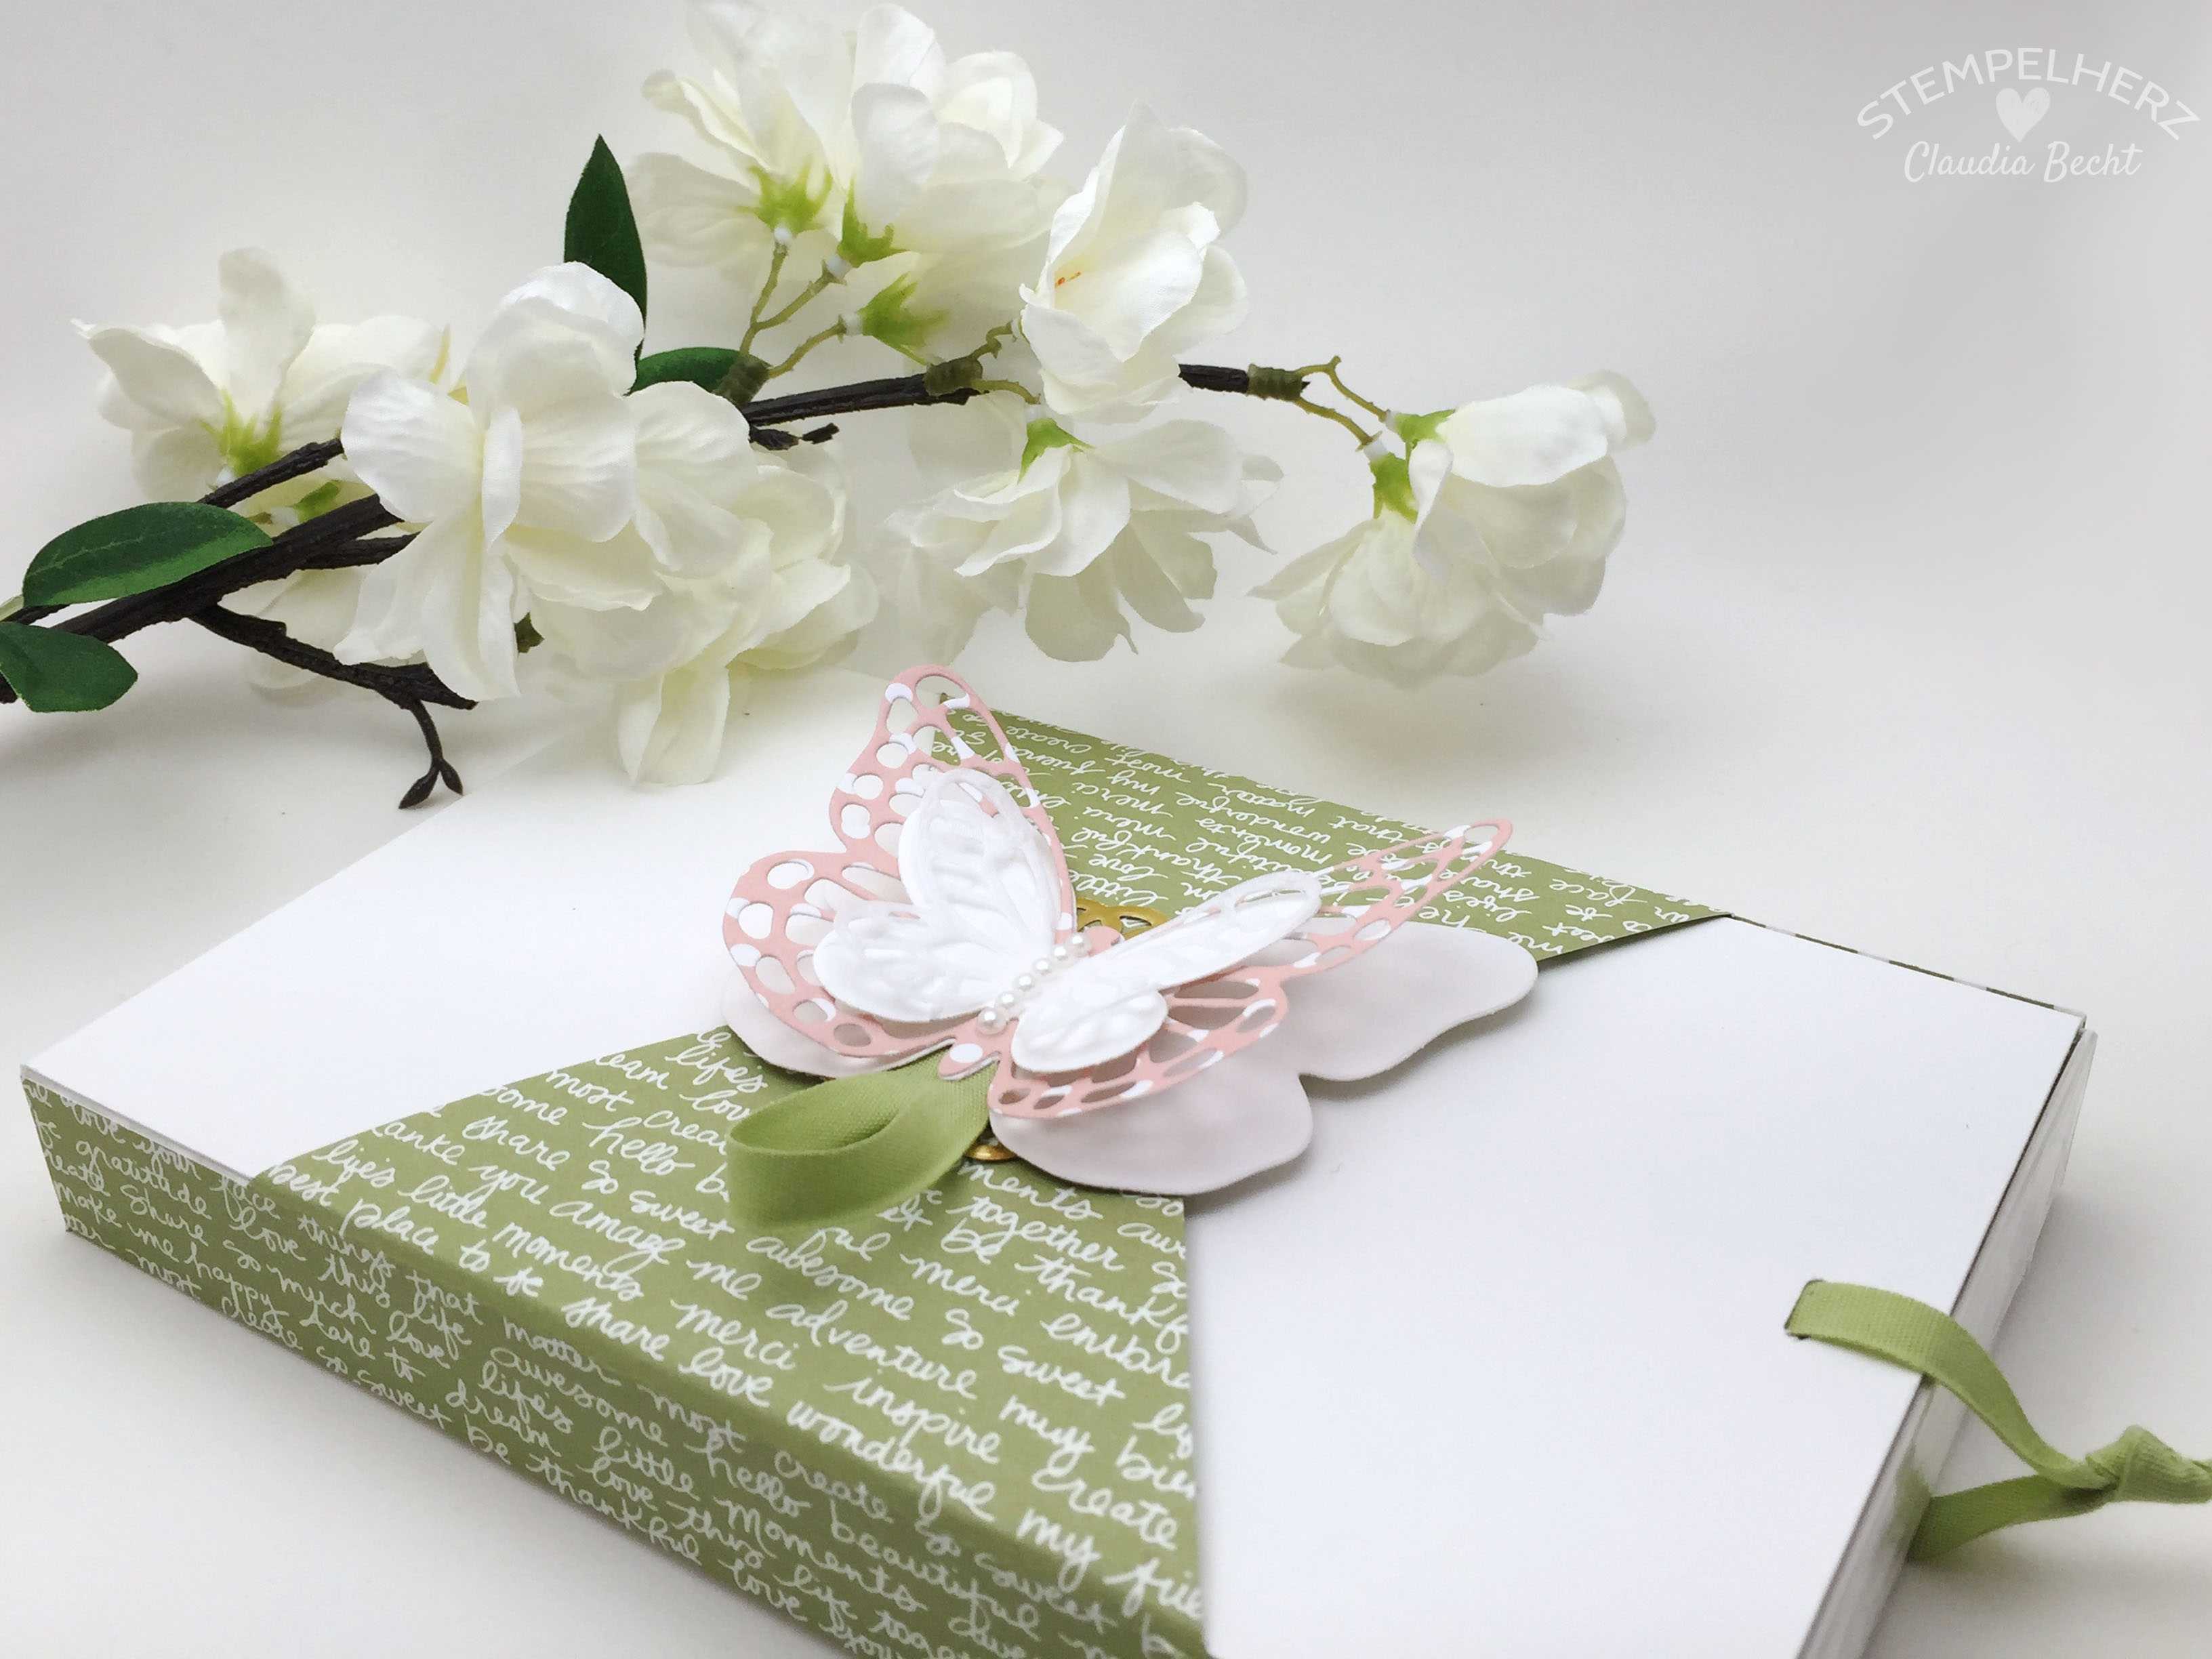 Stampin Up-Stempelherz-Box-Verpackung-Ziehverpackung-Toffifee-Ziehschachtel-Videoanleitung Ziehschachtel-Ziehschachtel Toffifee 03b